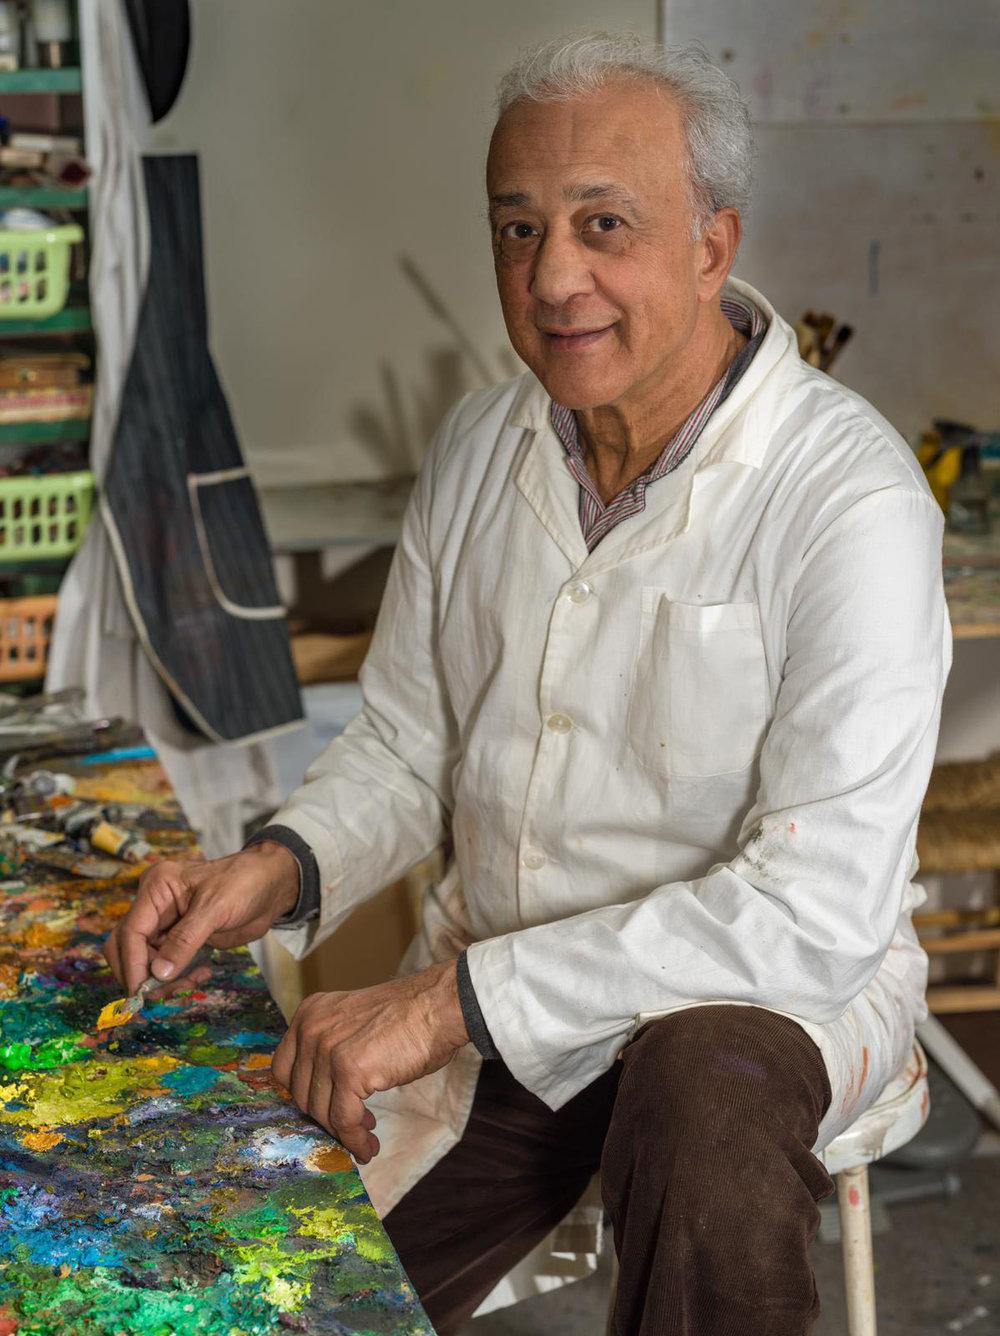 نزار ضاهر - و تبقى هناك اللوحة الأجمل، فإنها لن ترسم أبدا